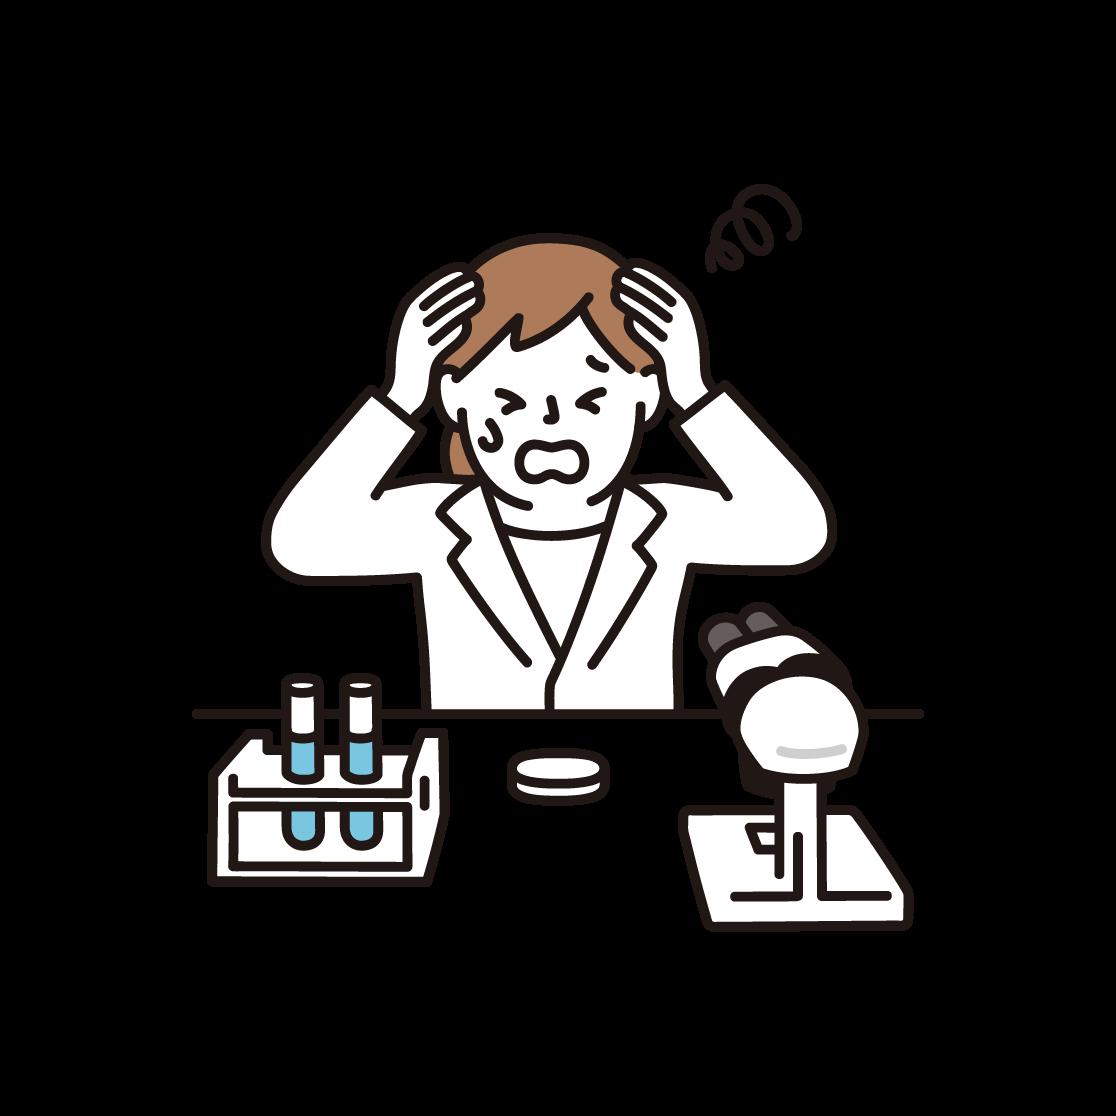 頭を抱える女性研究者のイラスト